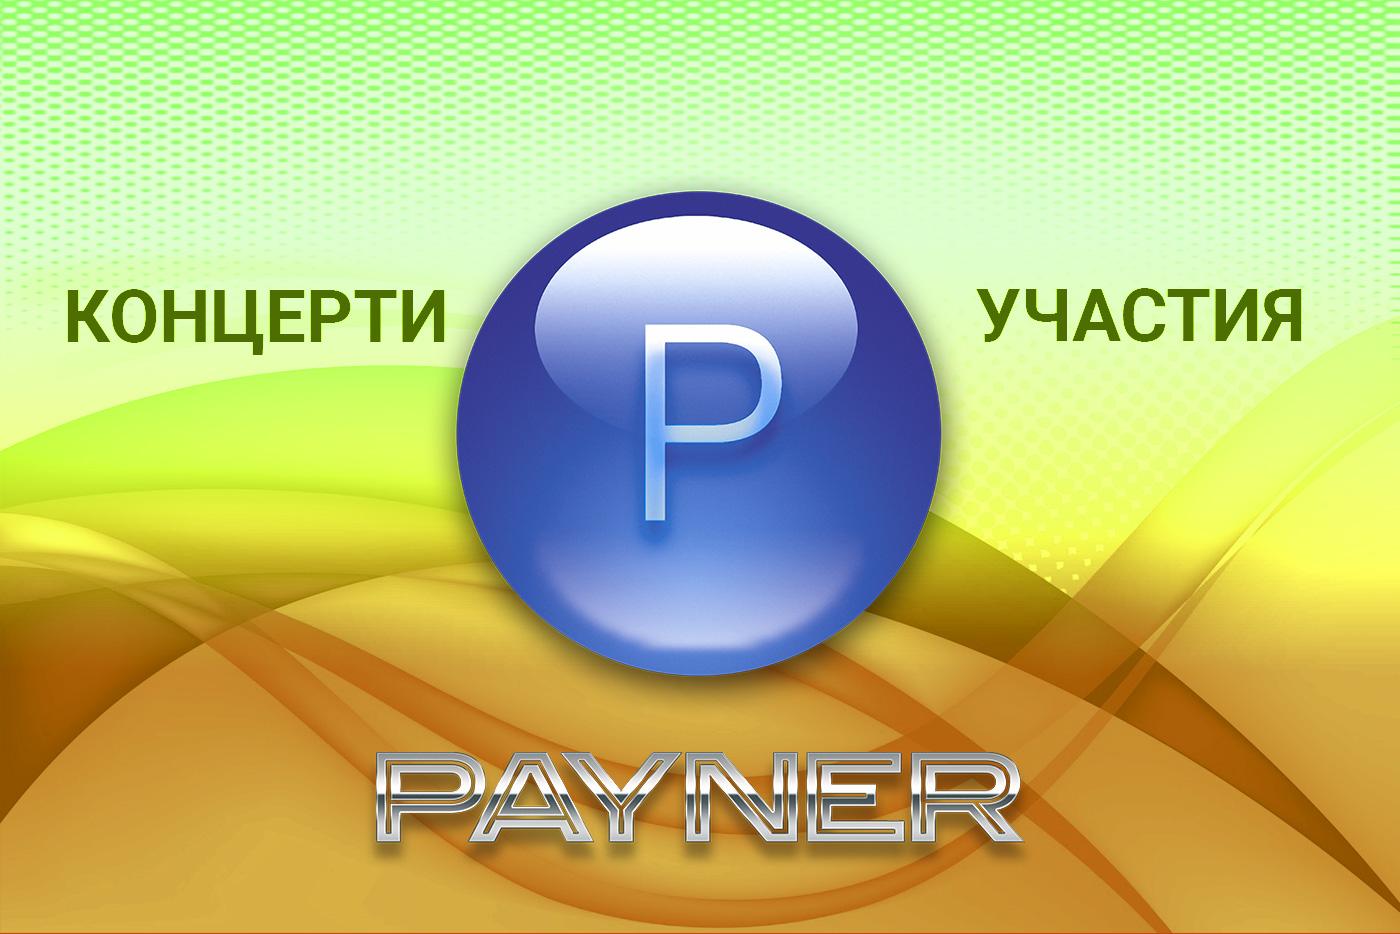 """Участия на звездите на """"Пайнер"""" на 20.10.2019"""